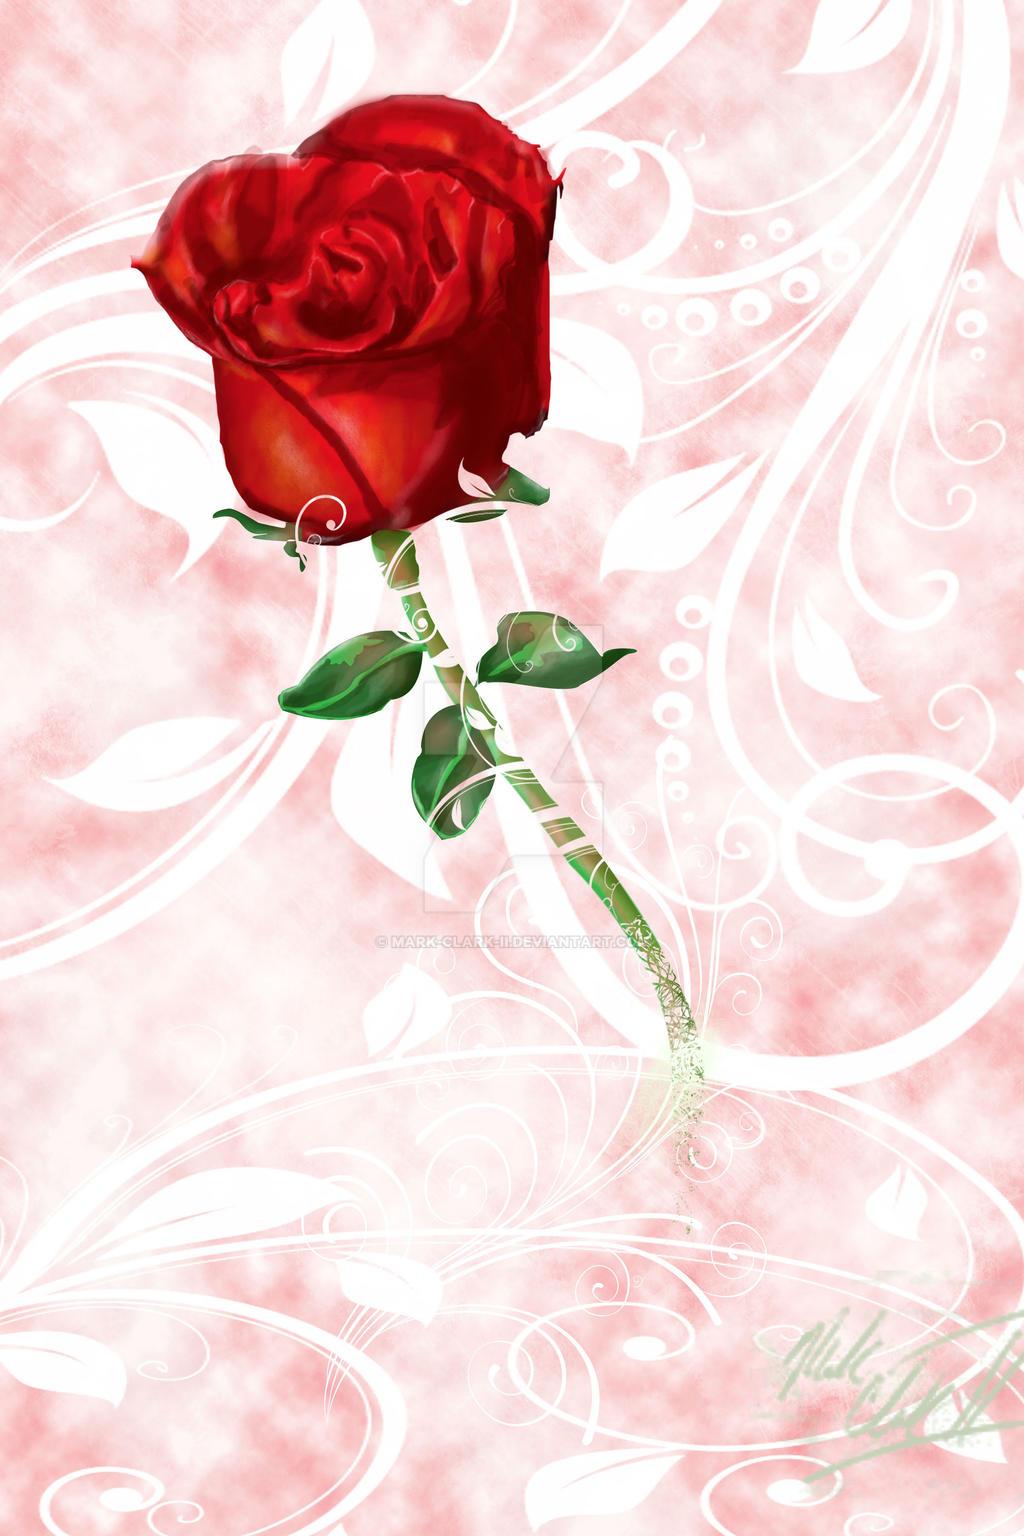 Rose by Mark-Clark-II